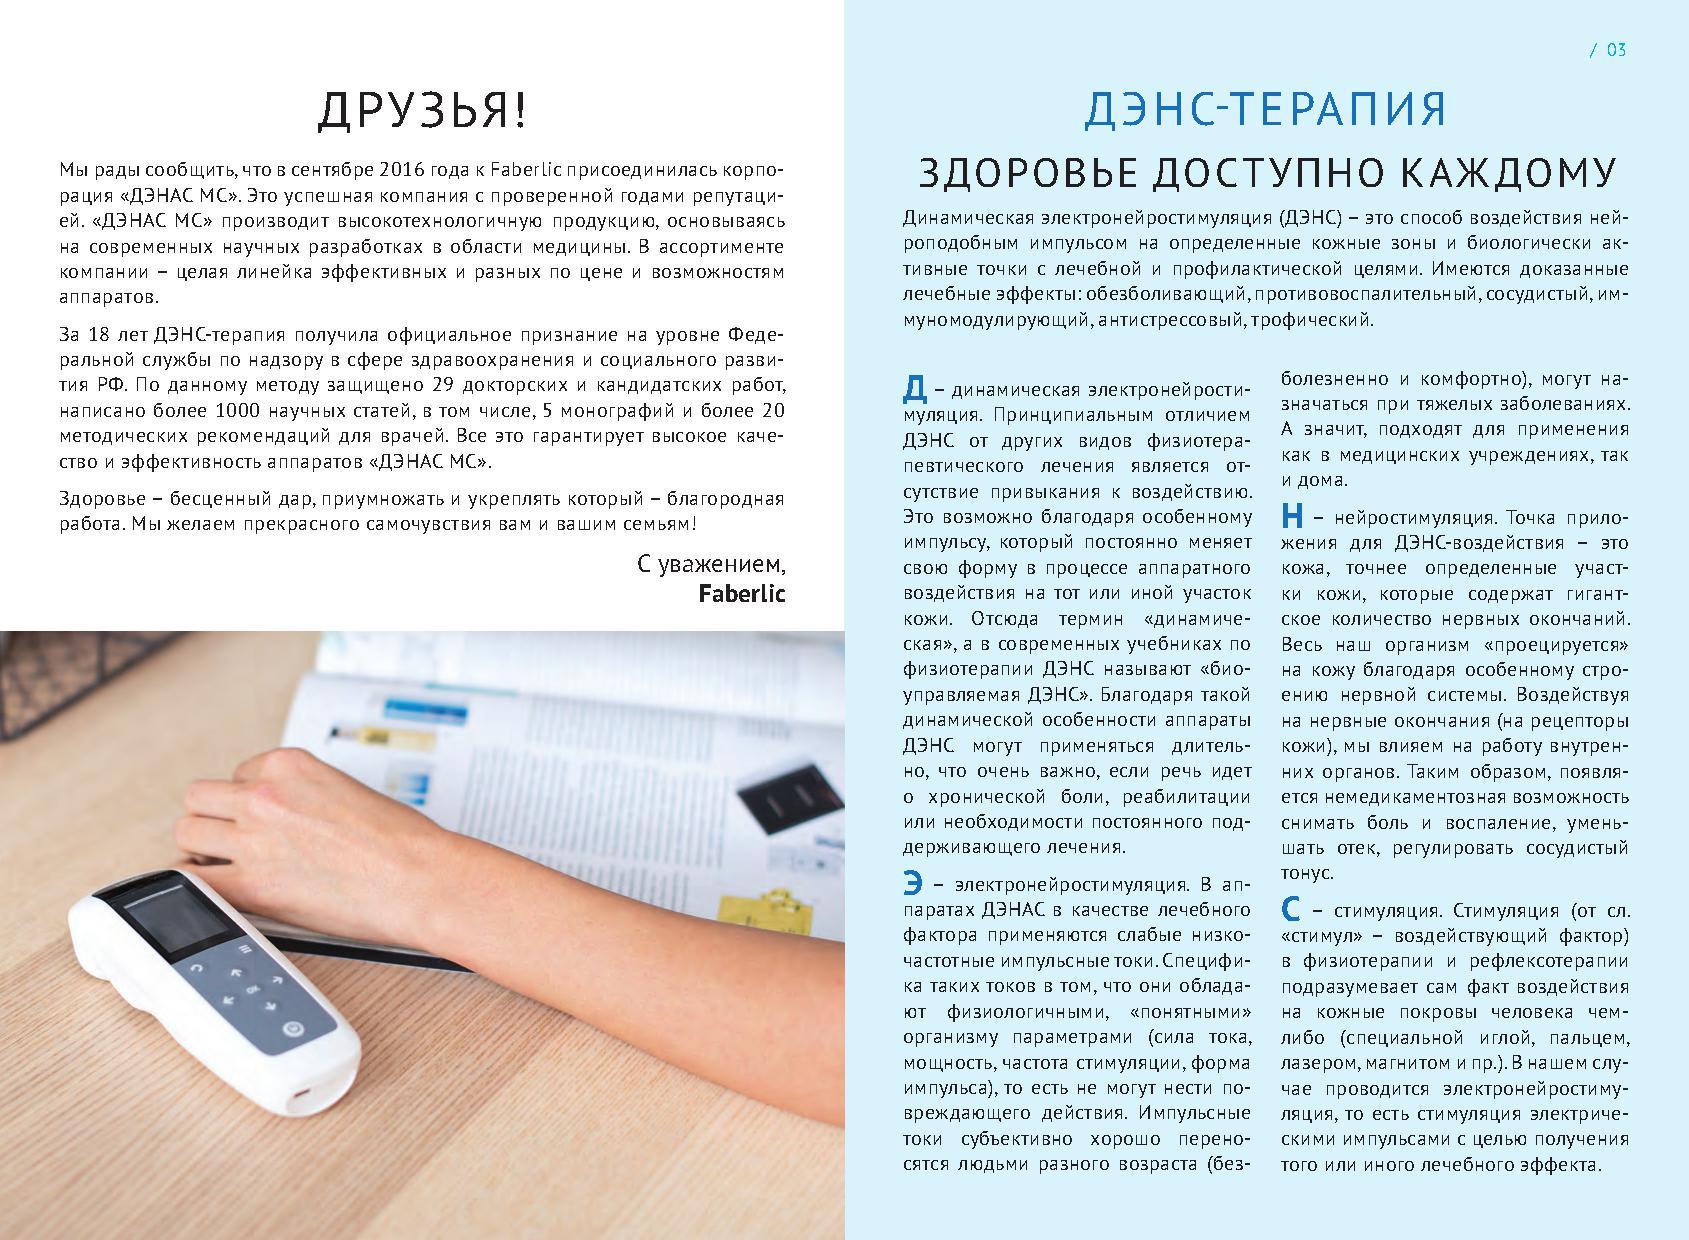 Компания faberlic Забота о здоровье с Фаберлик ДЭНАС Купить  Каталог Дэнас Фаберлик аппараты для здоровья